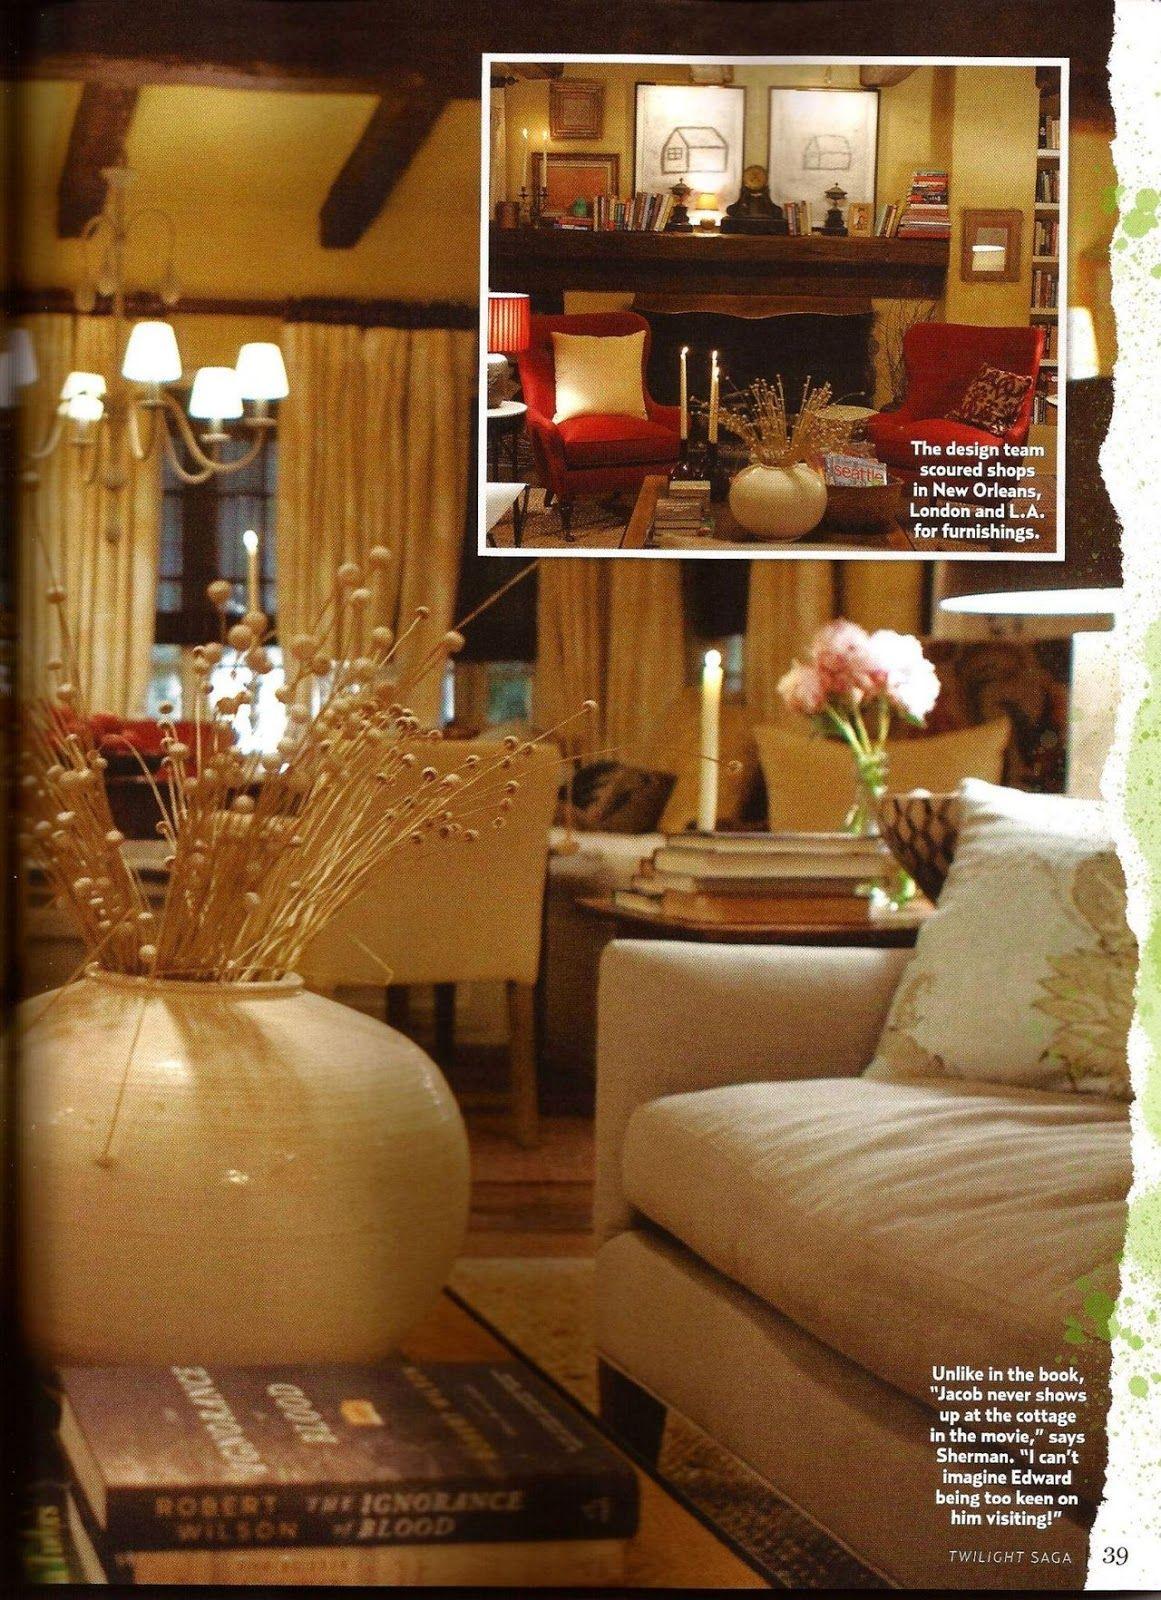 Tumblr Mbblqzteik1rcn8jao1 1280 Jpg 1 161 1 600 Pixlar White Living Room Decor Room Decor Cream And White Living Room